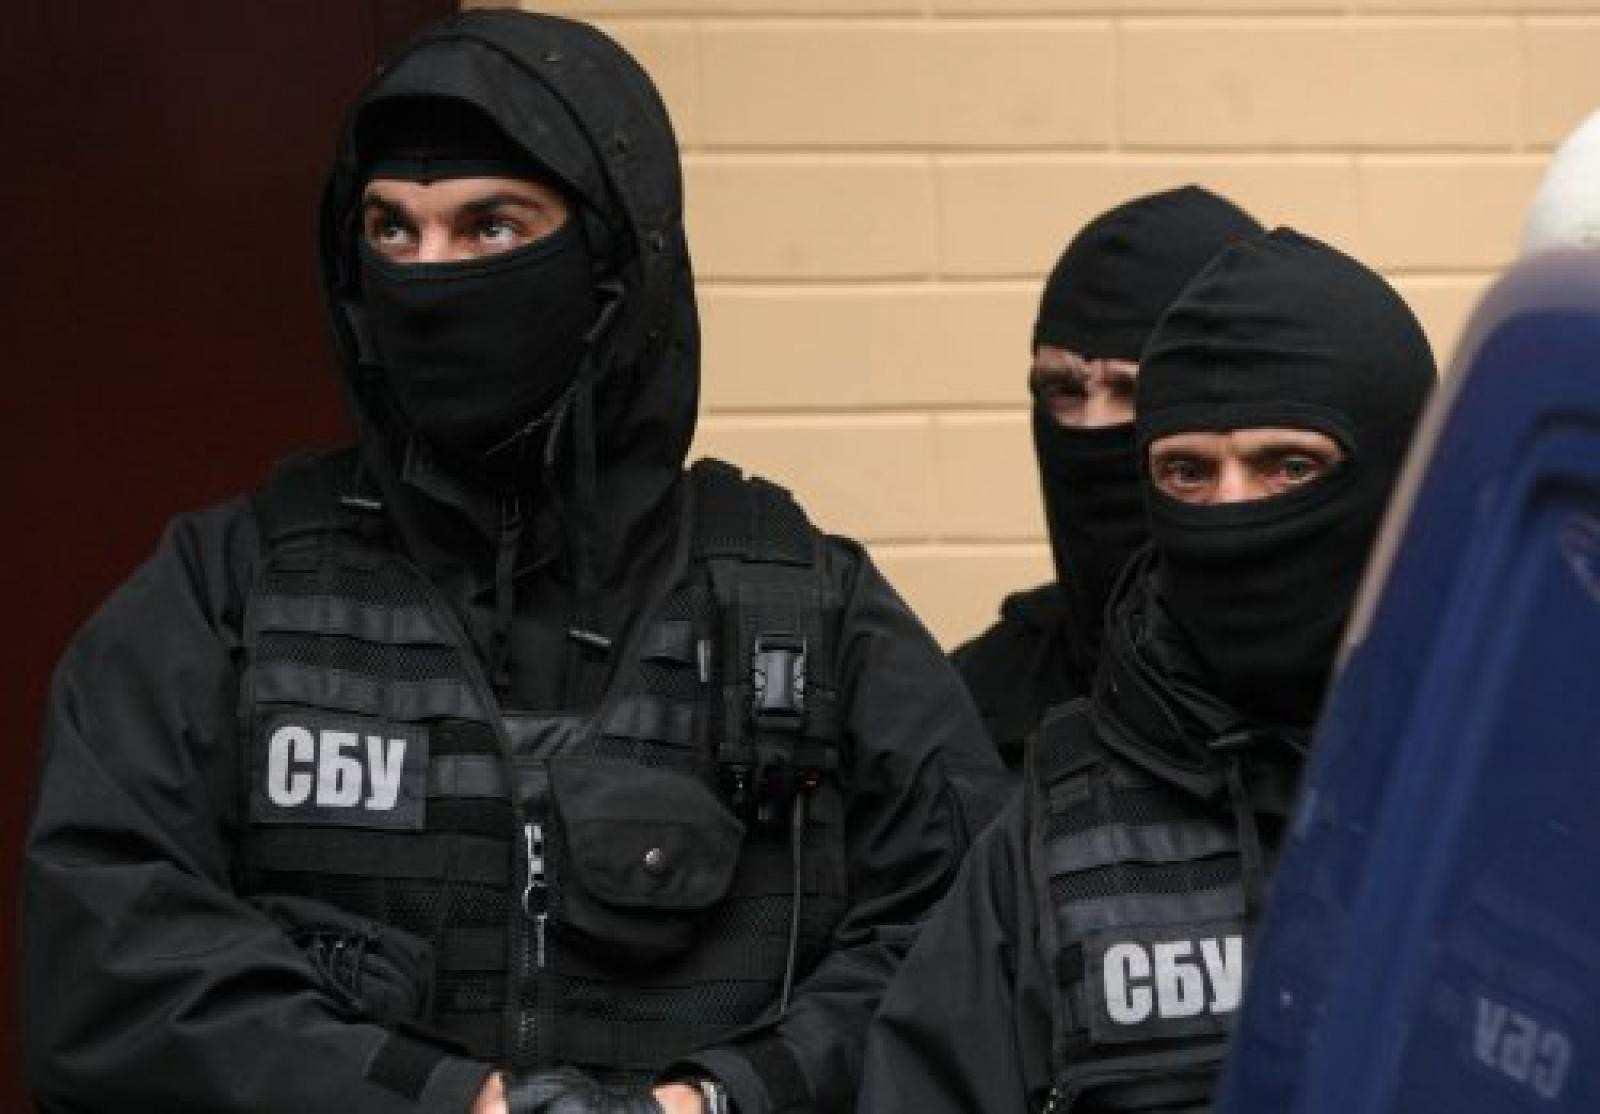 СРОЧНО: ФСБ задержала сотрудников СБУ на корабле в Керченском проливе | Русская весна